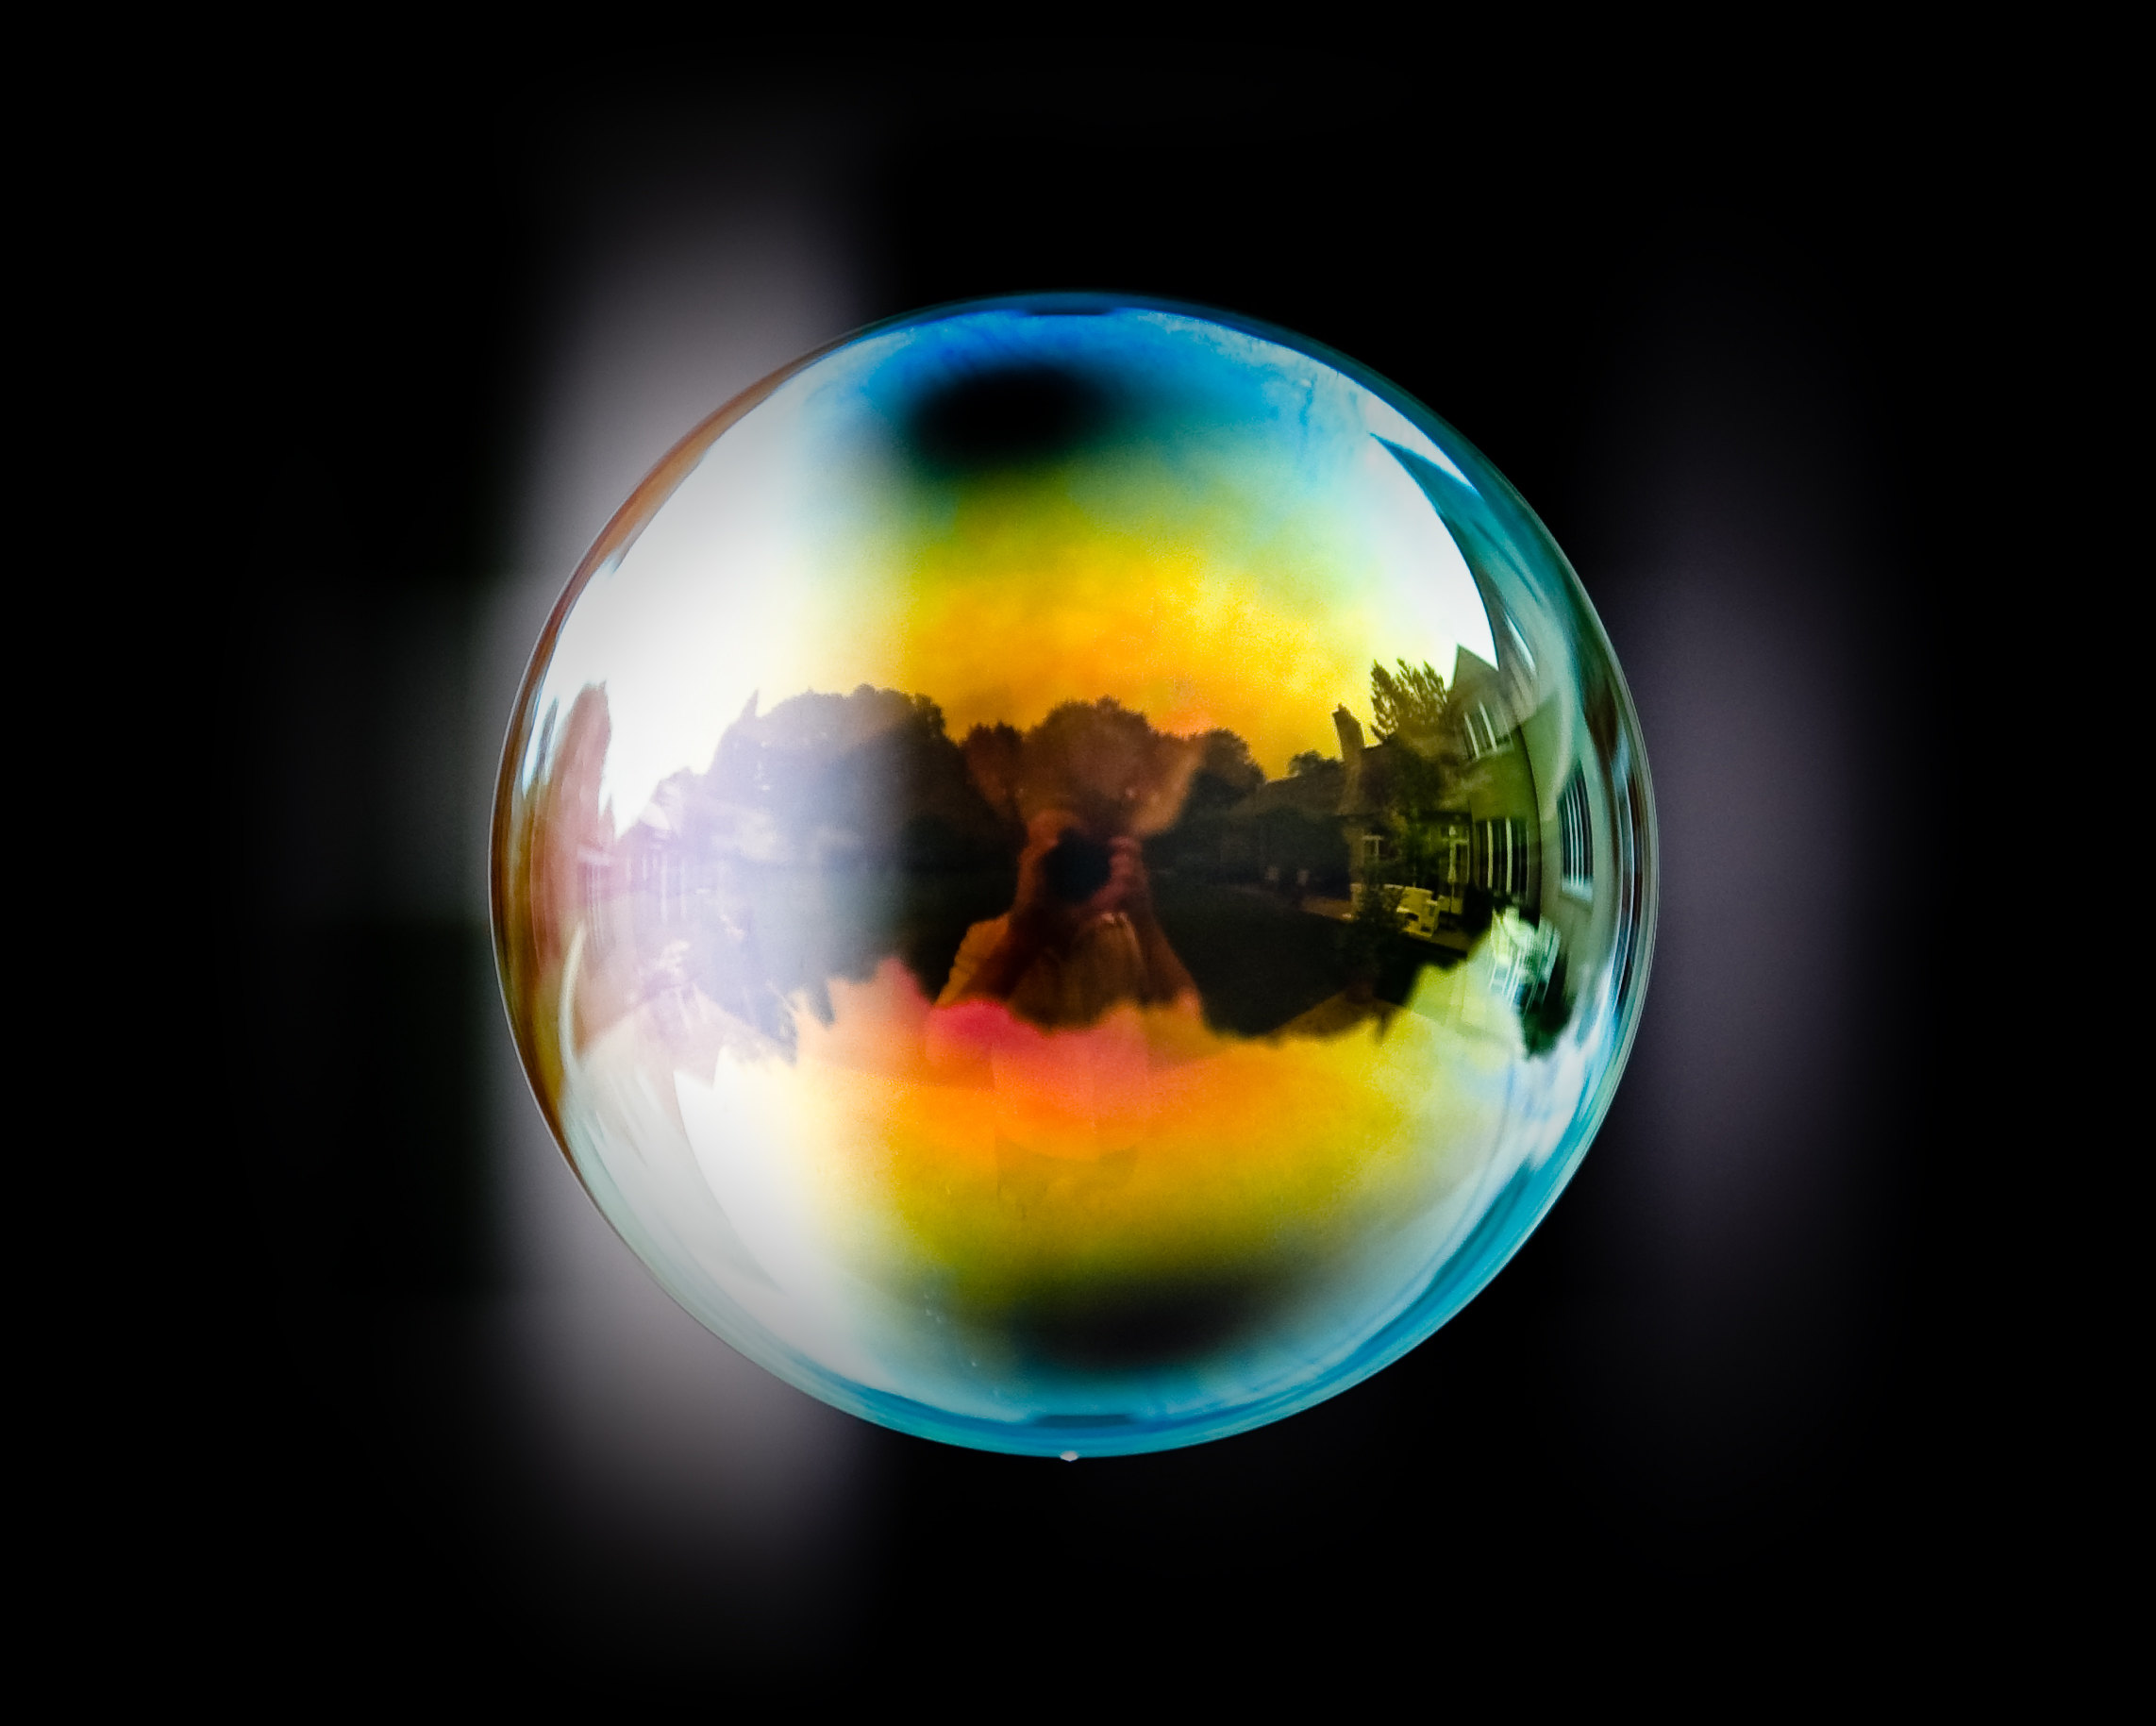 Bubble IV